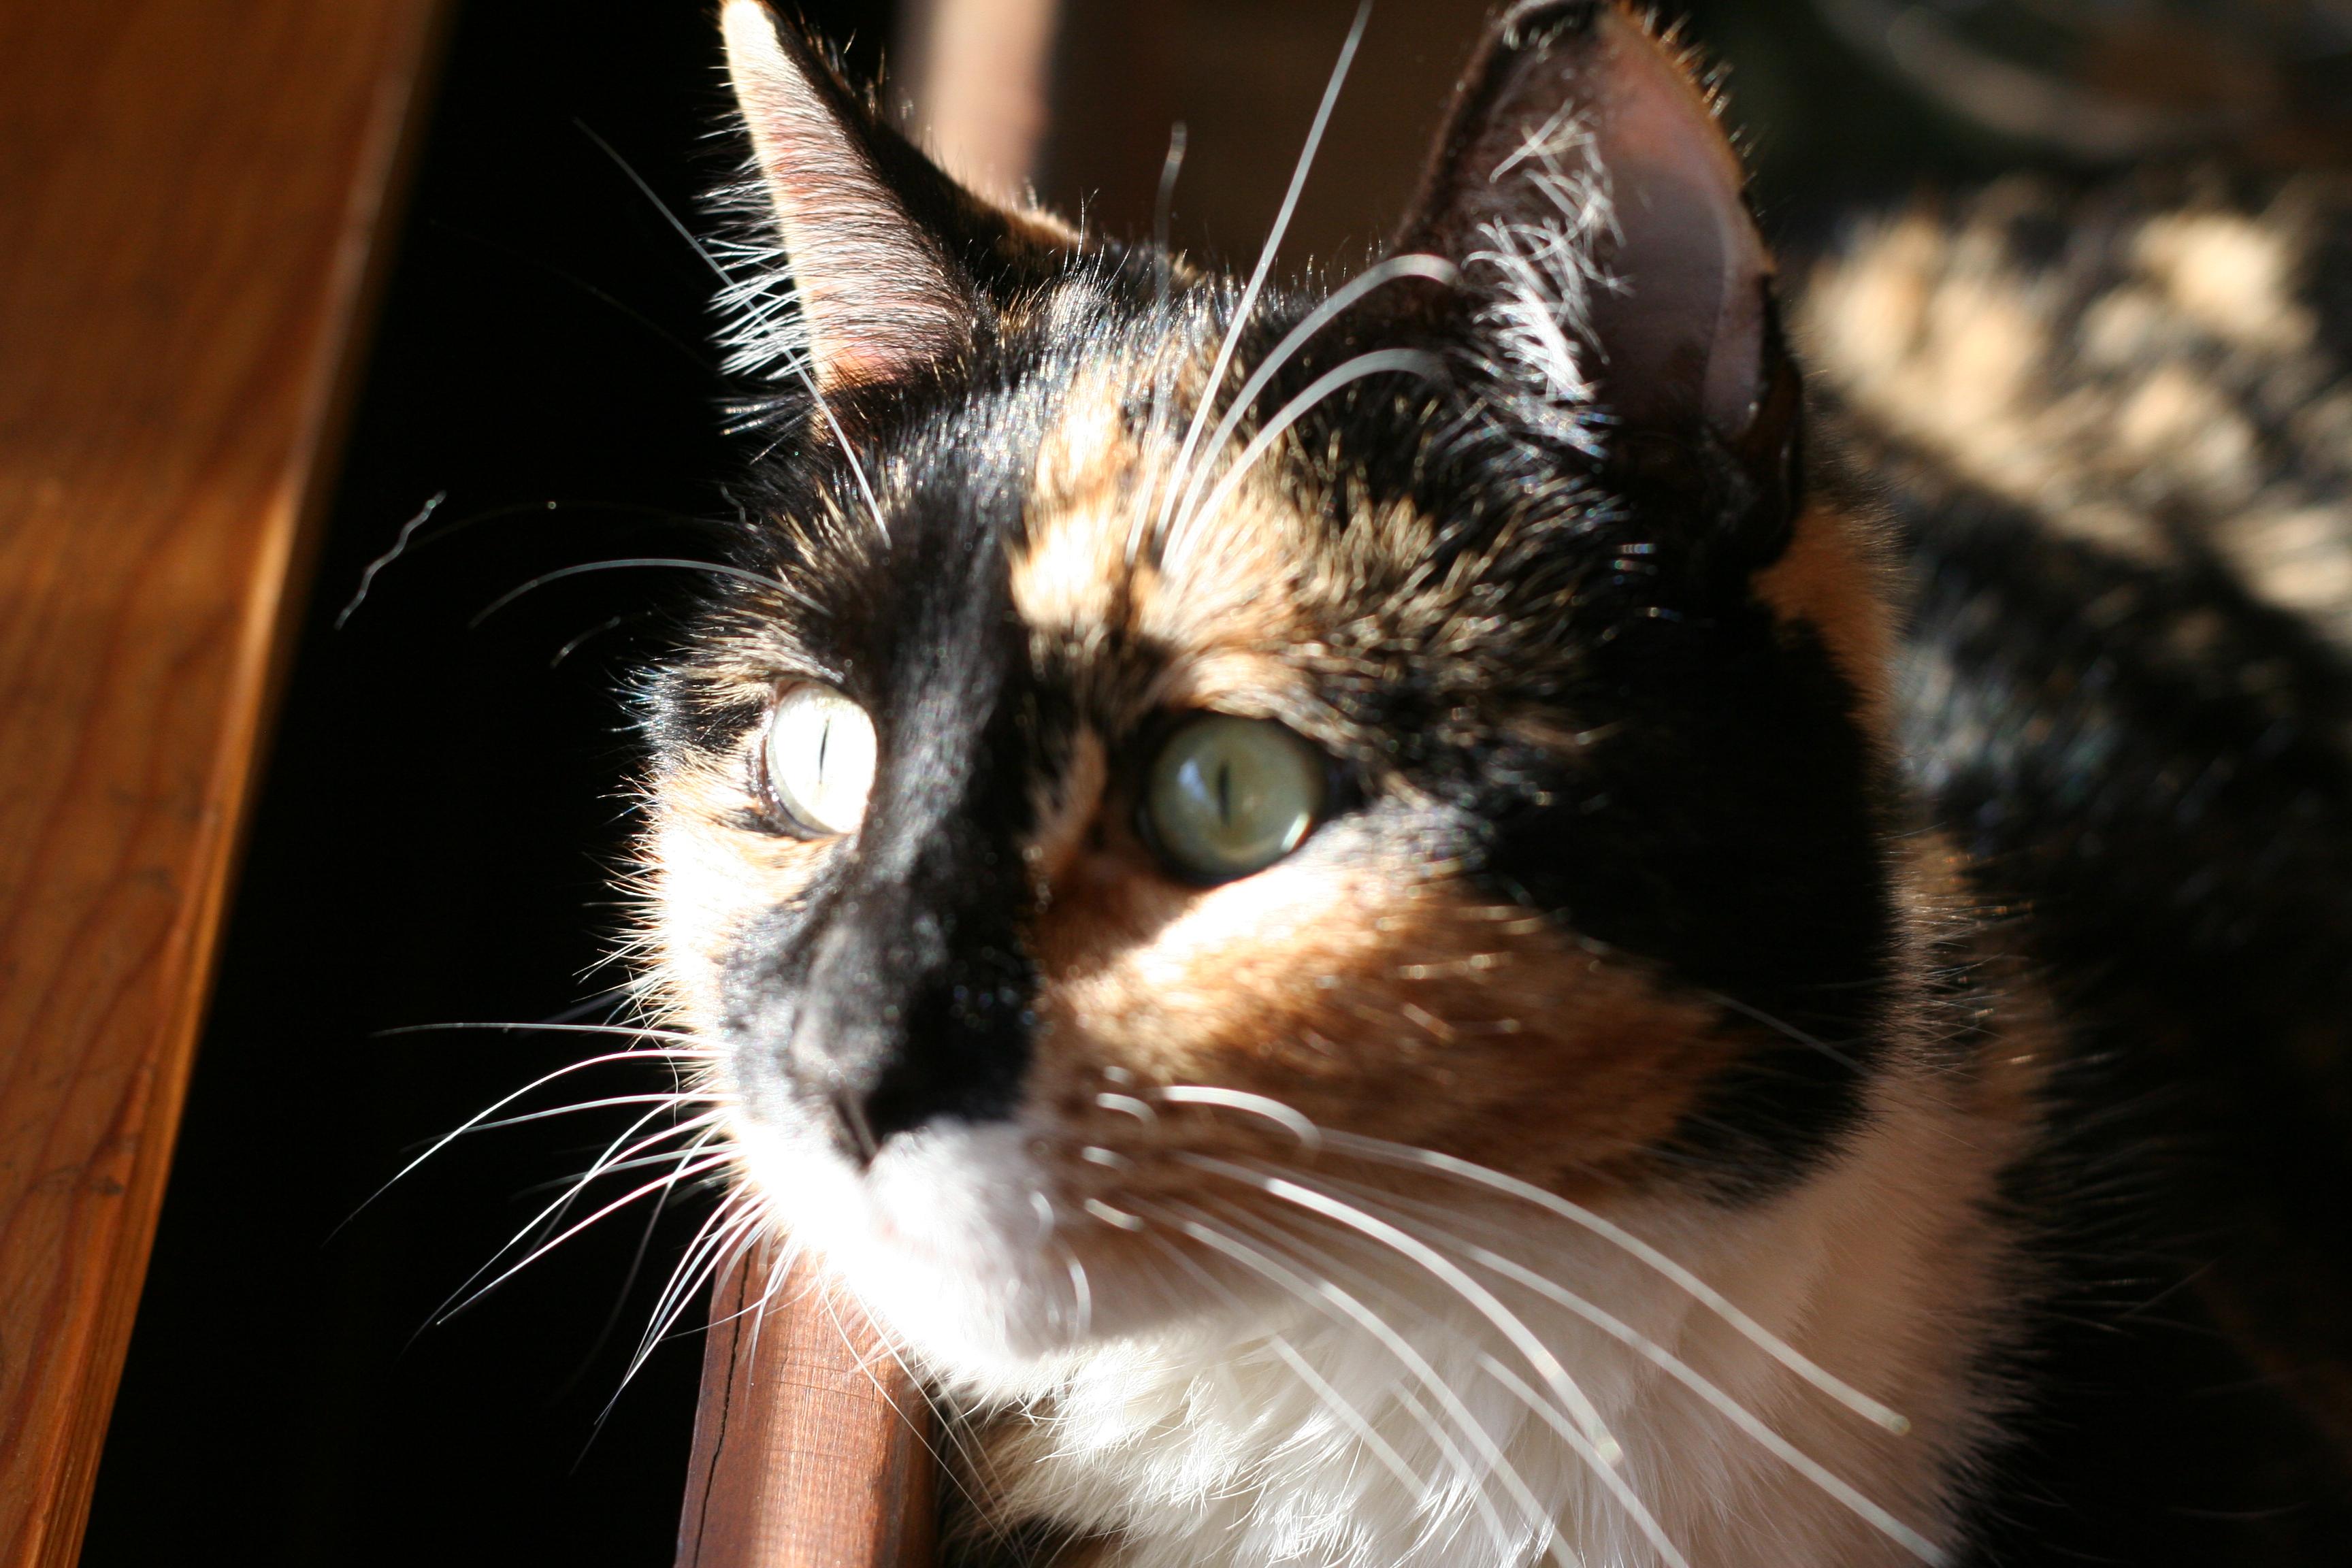 filetortoiseshell cat facejpg wikipedia